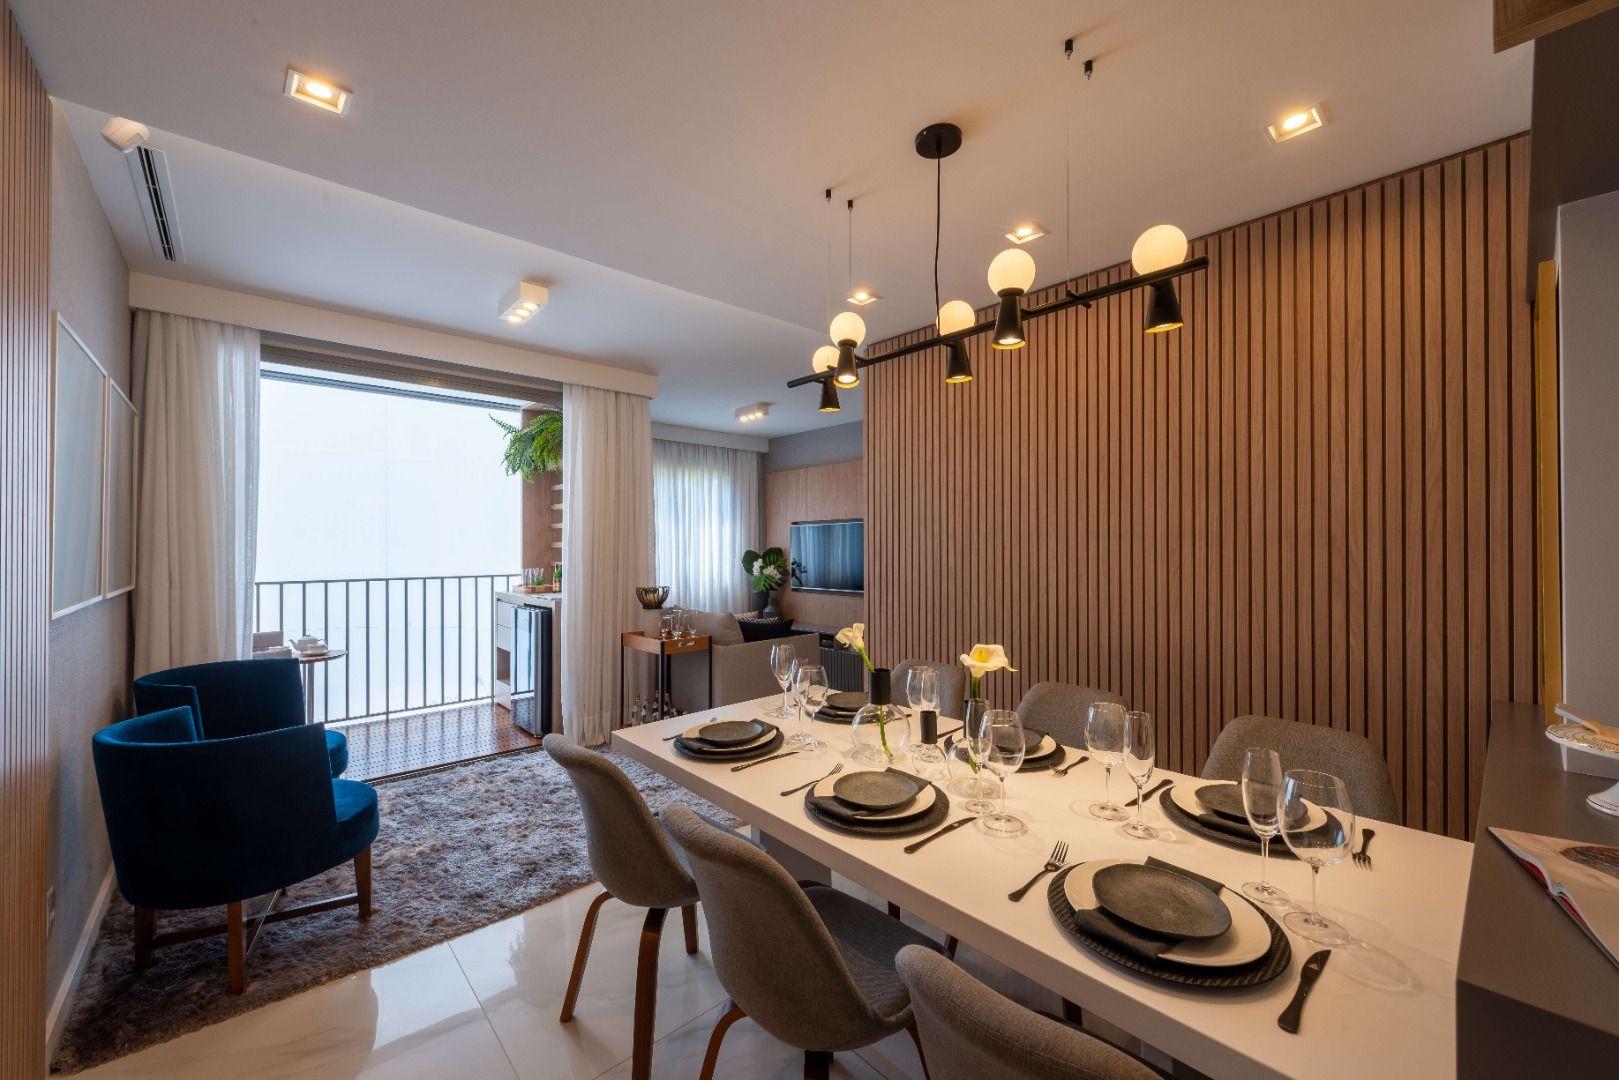 LIVING do apto de 61 m² com opção de terraço integrado ao living. Um espaço fluido que amplia o ambiente para receber amigos e família.